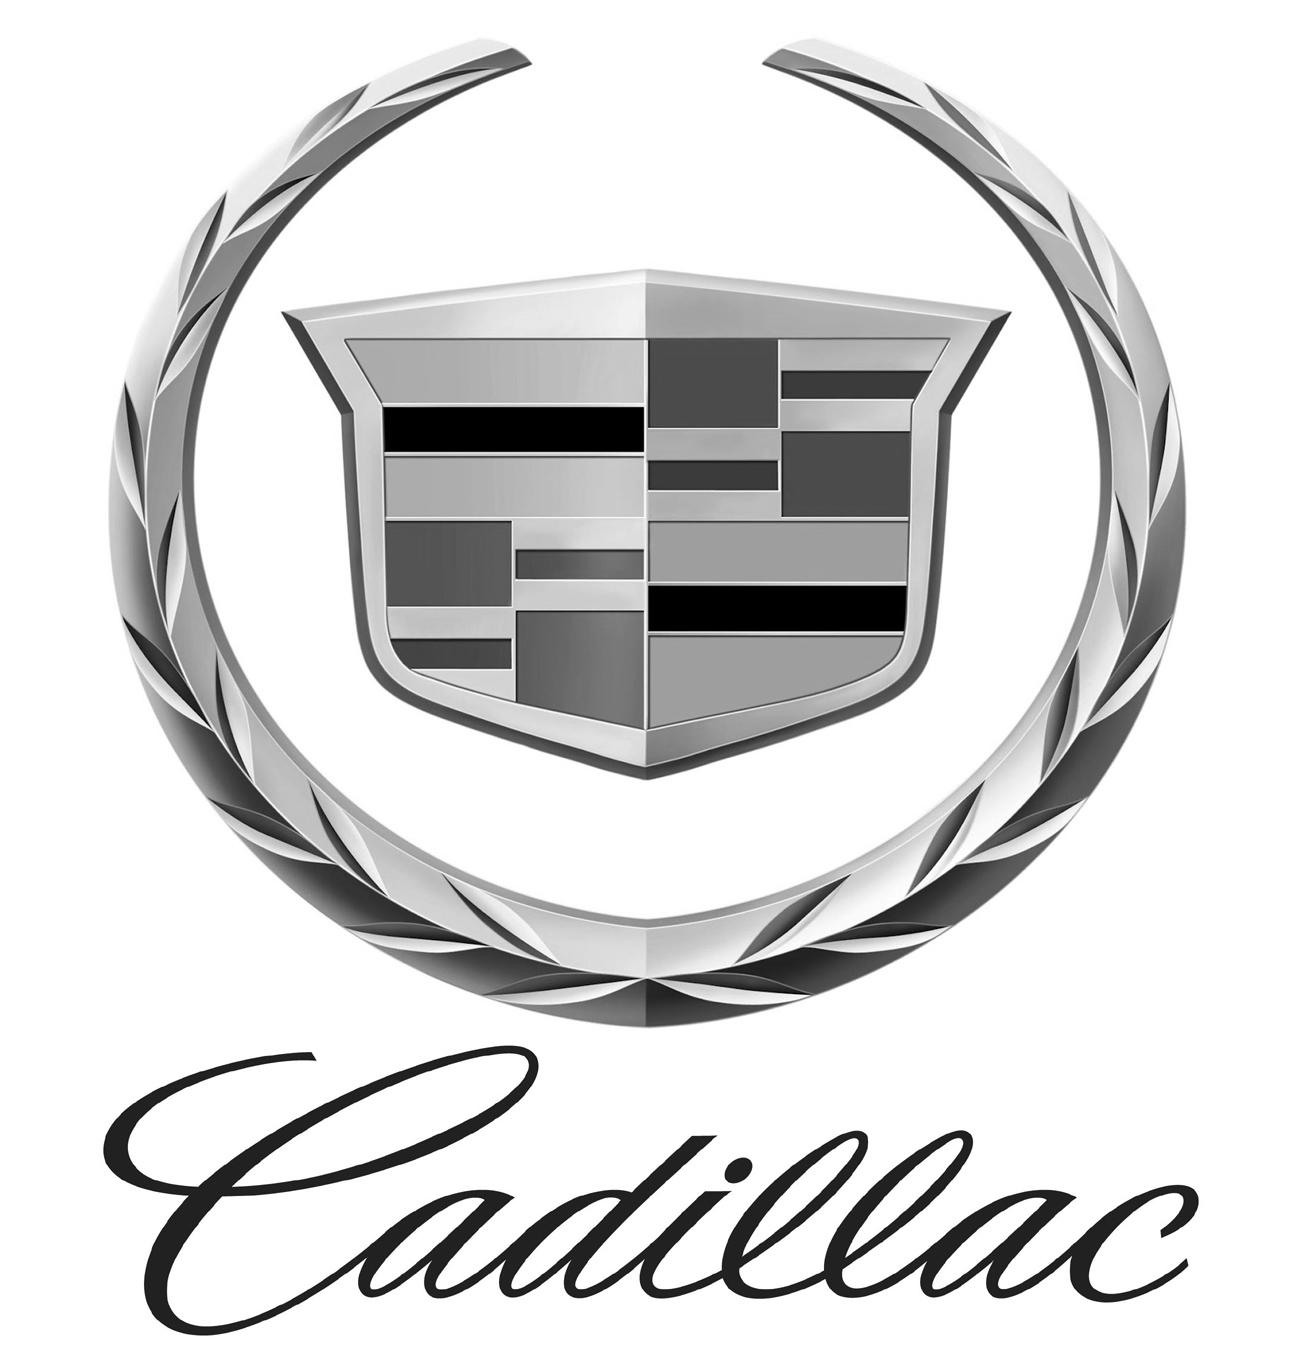 cadillac-cars-logo-emblem.jpg